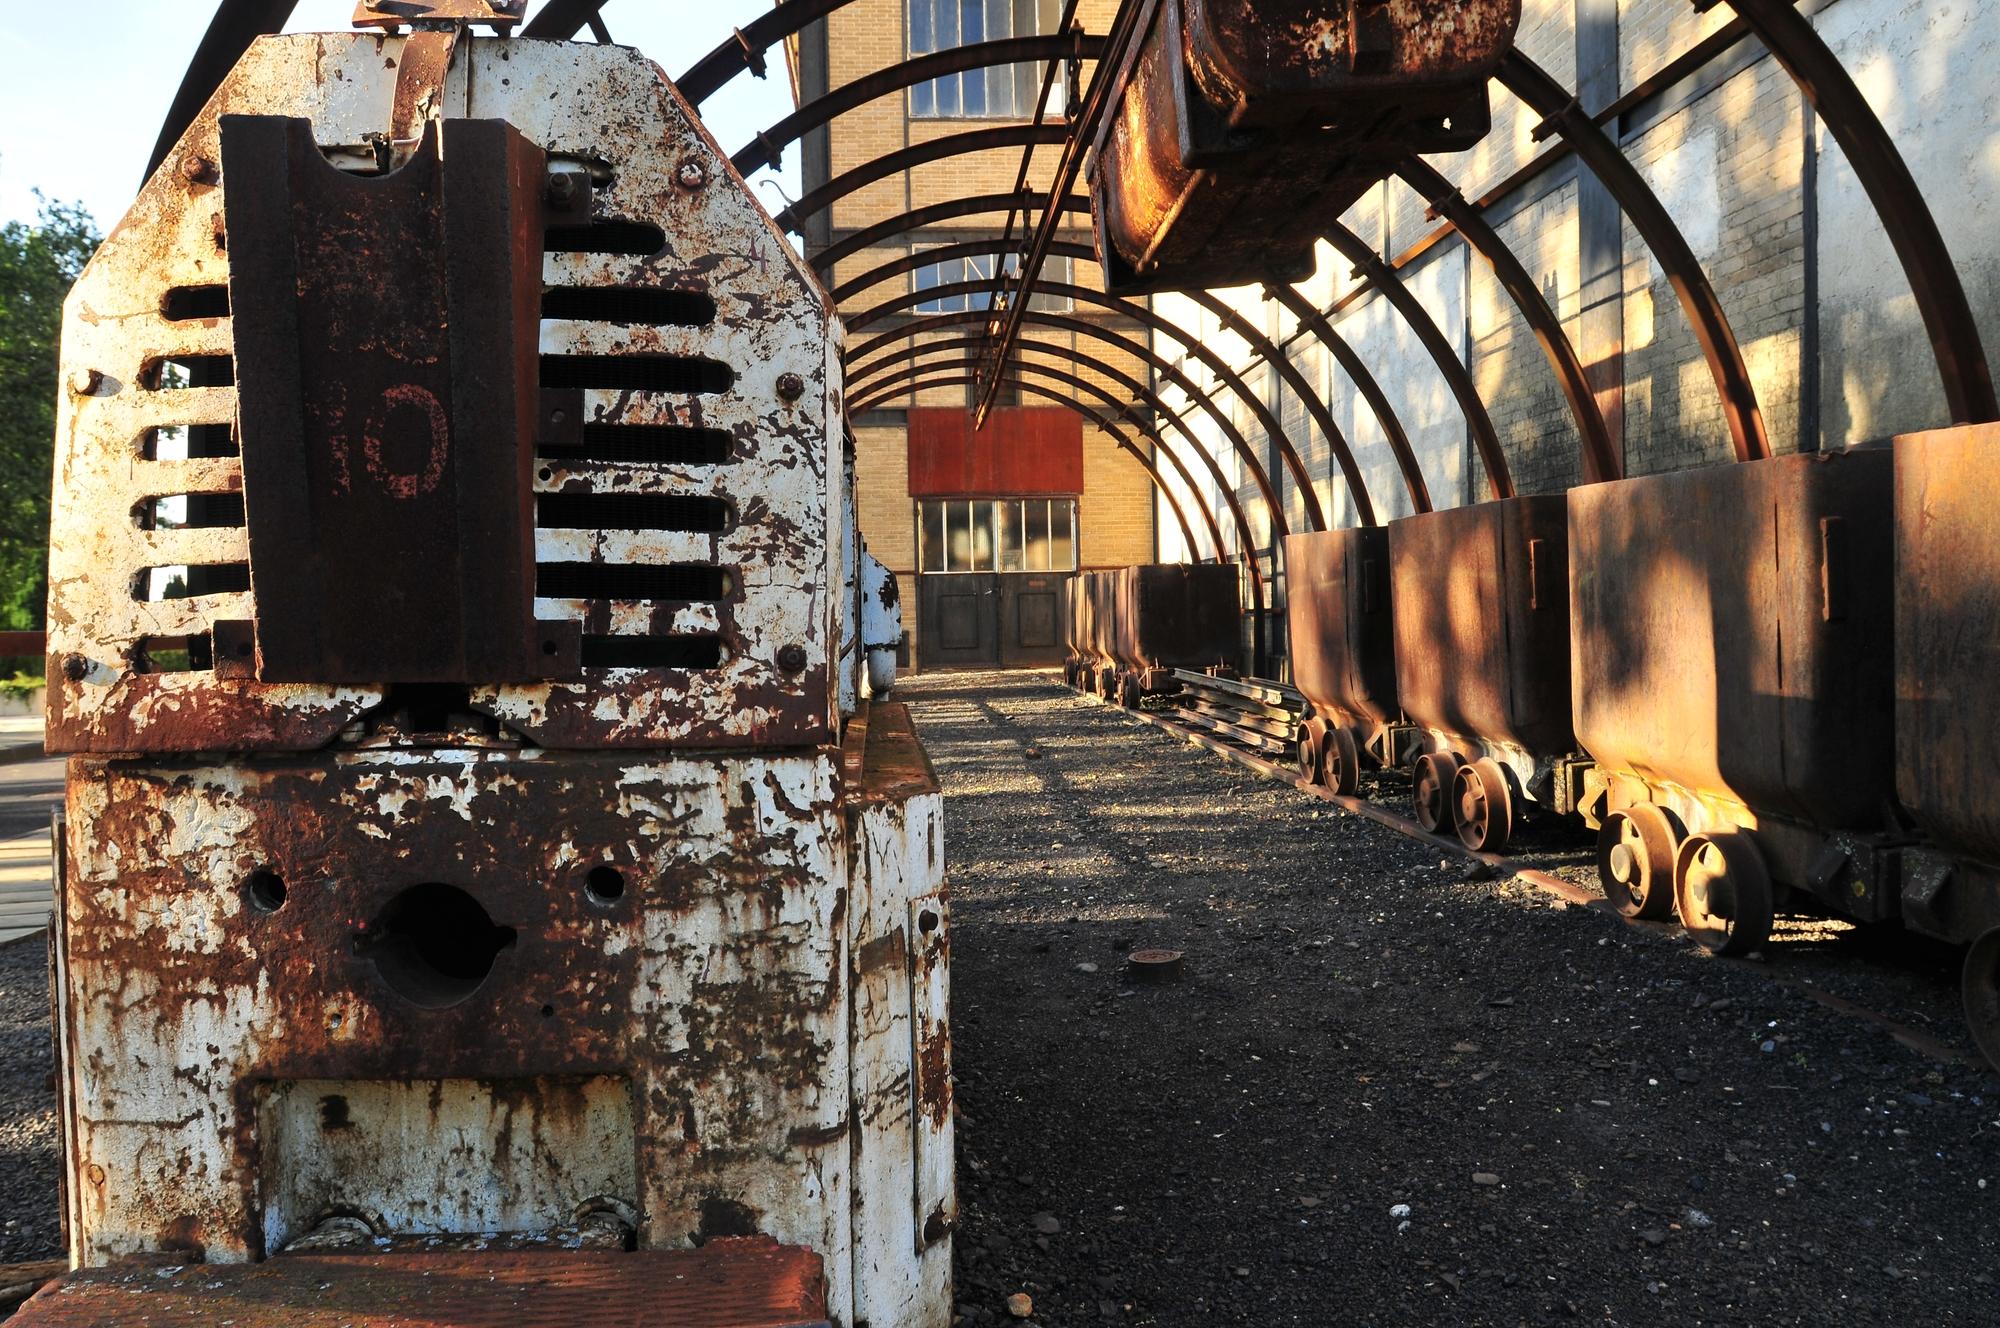 Devant le musée de la mine à Brassac-les-mines